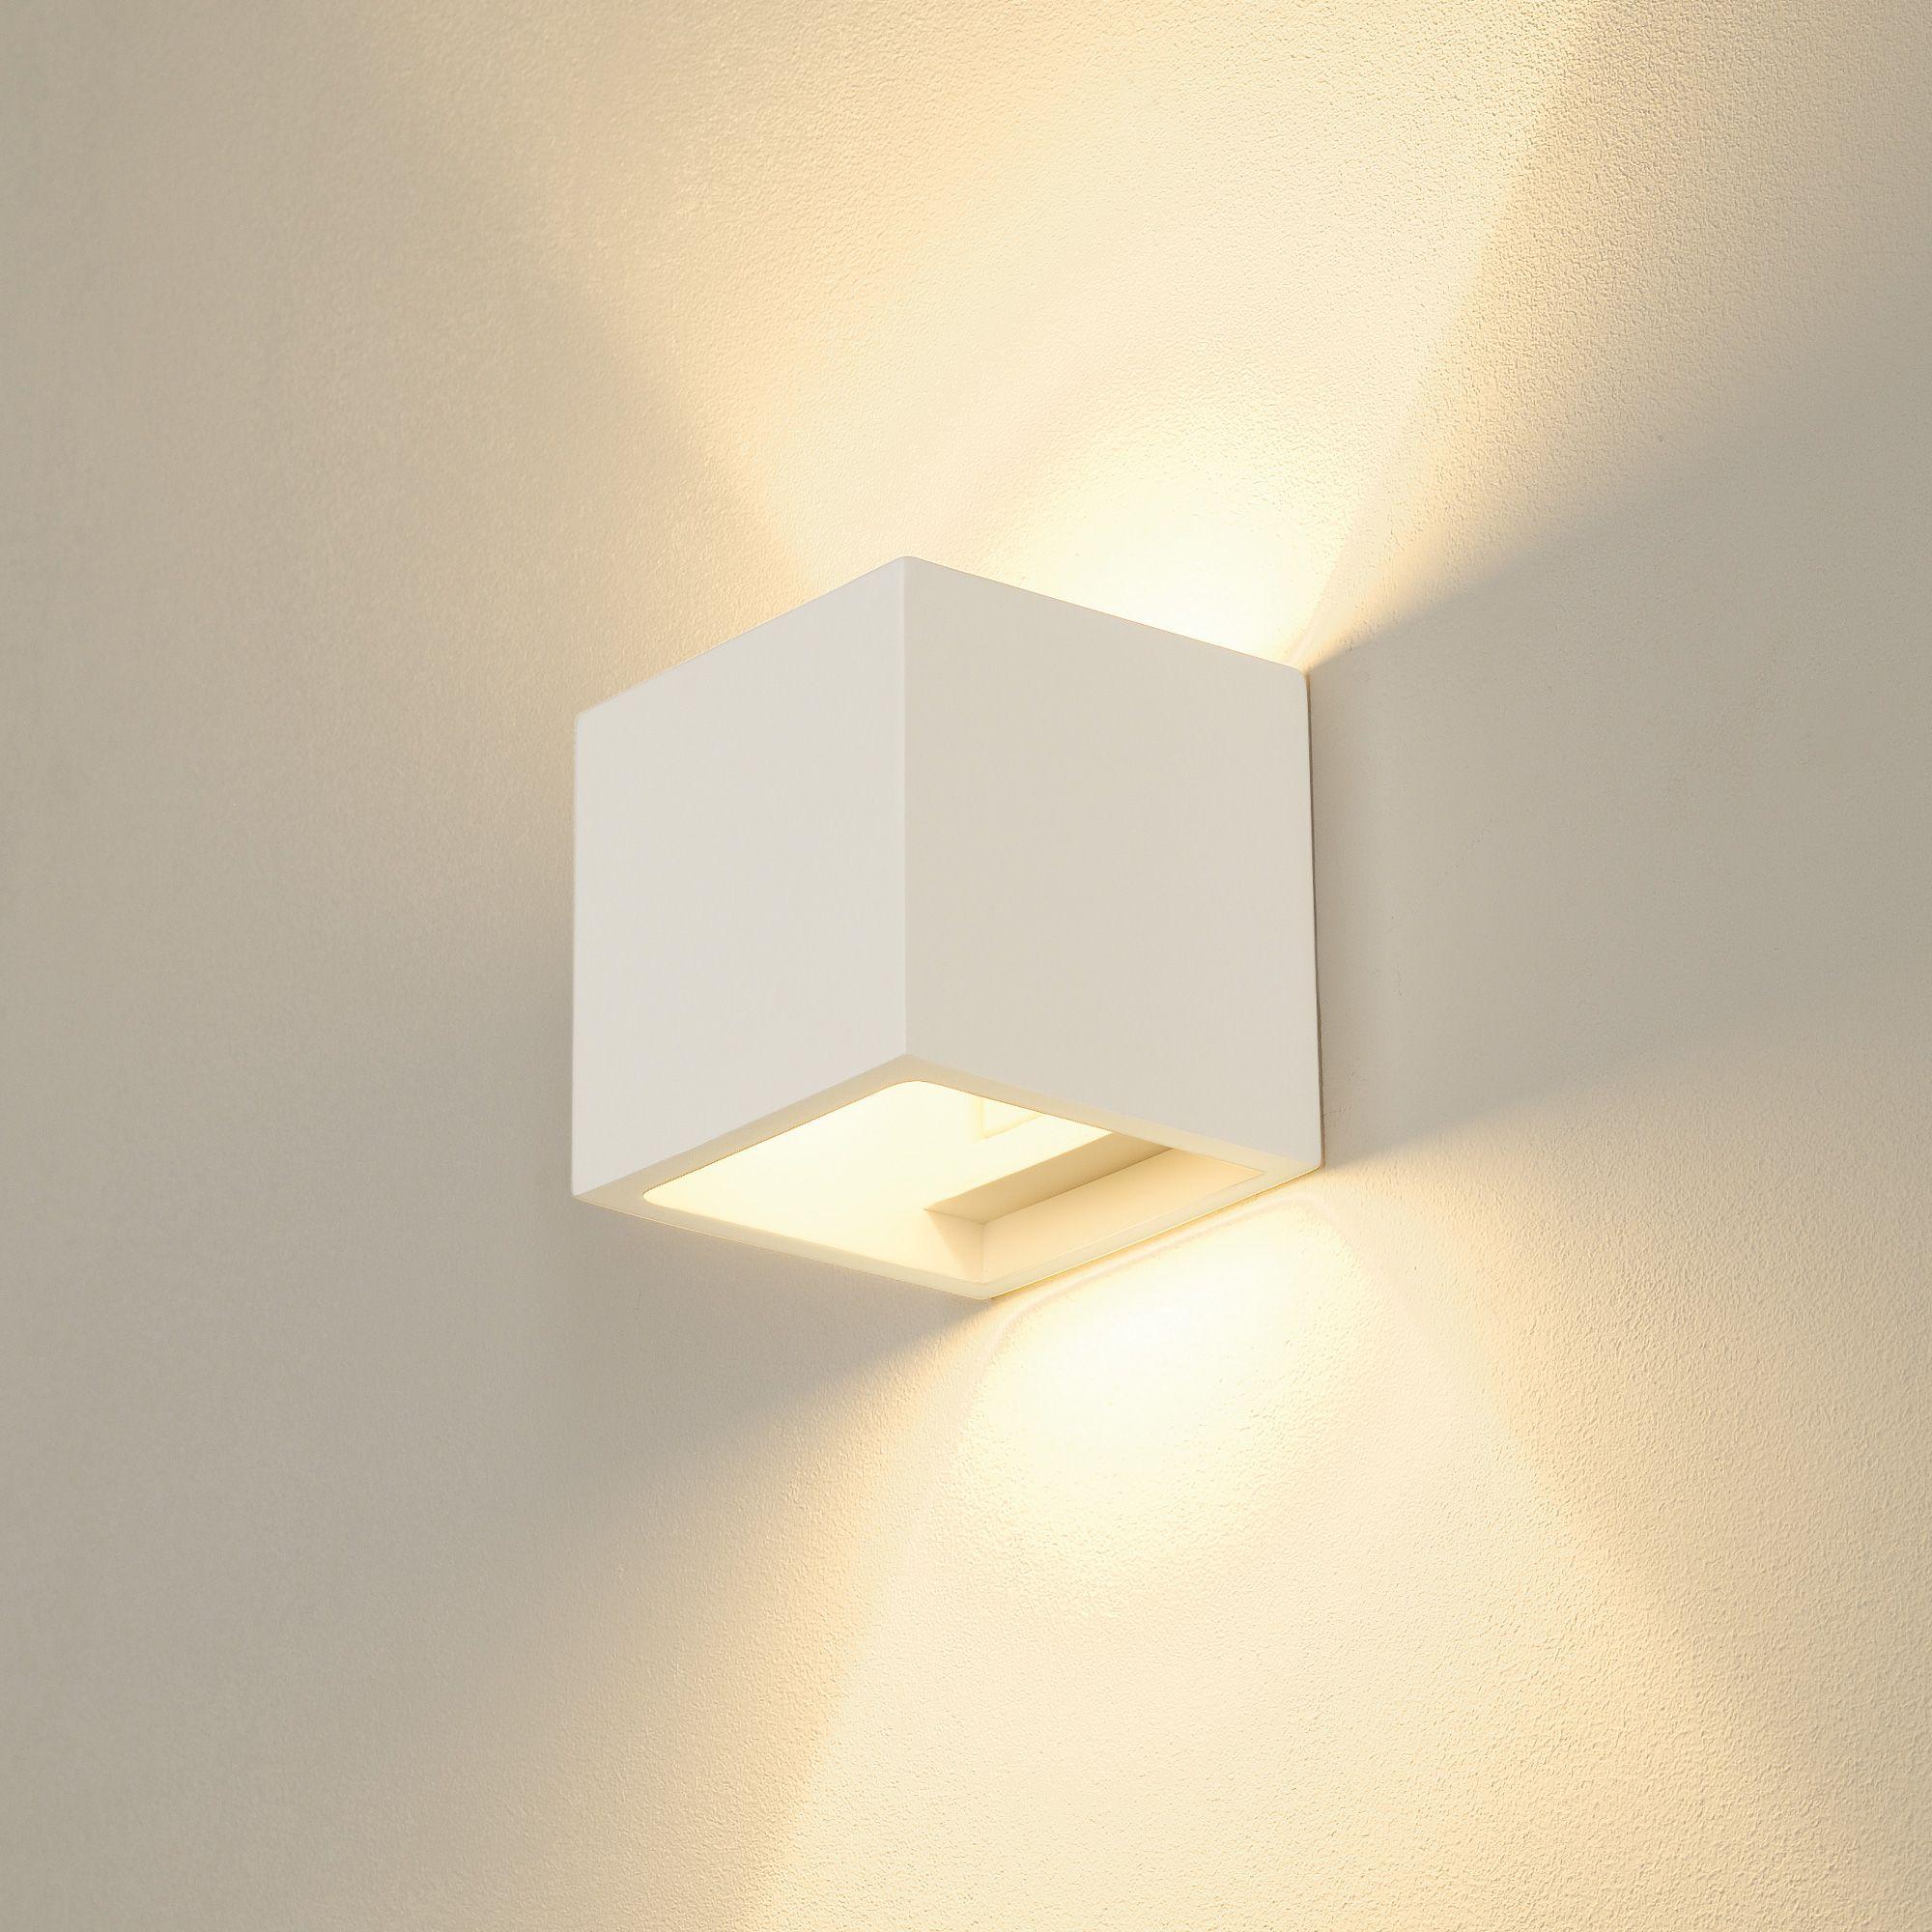 Slv Plastra Cube Wandleuchte Illuminazione A Parete Illuminazione Soffitto Illuminazione Faretti